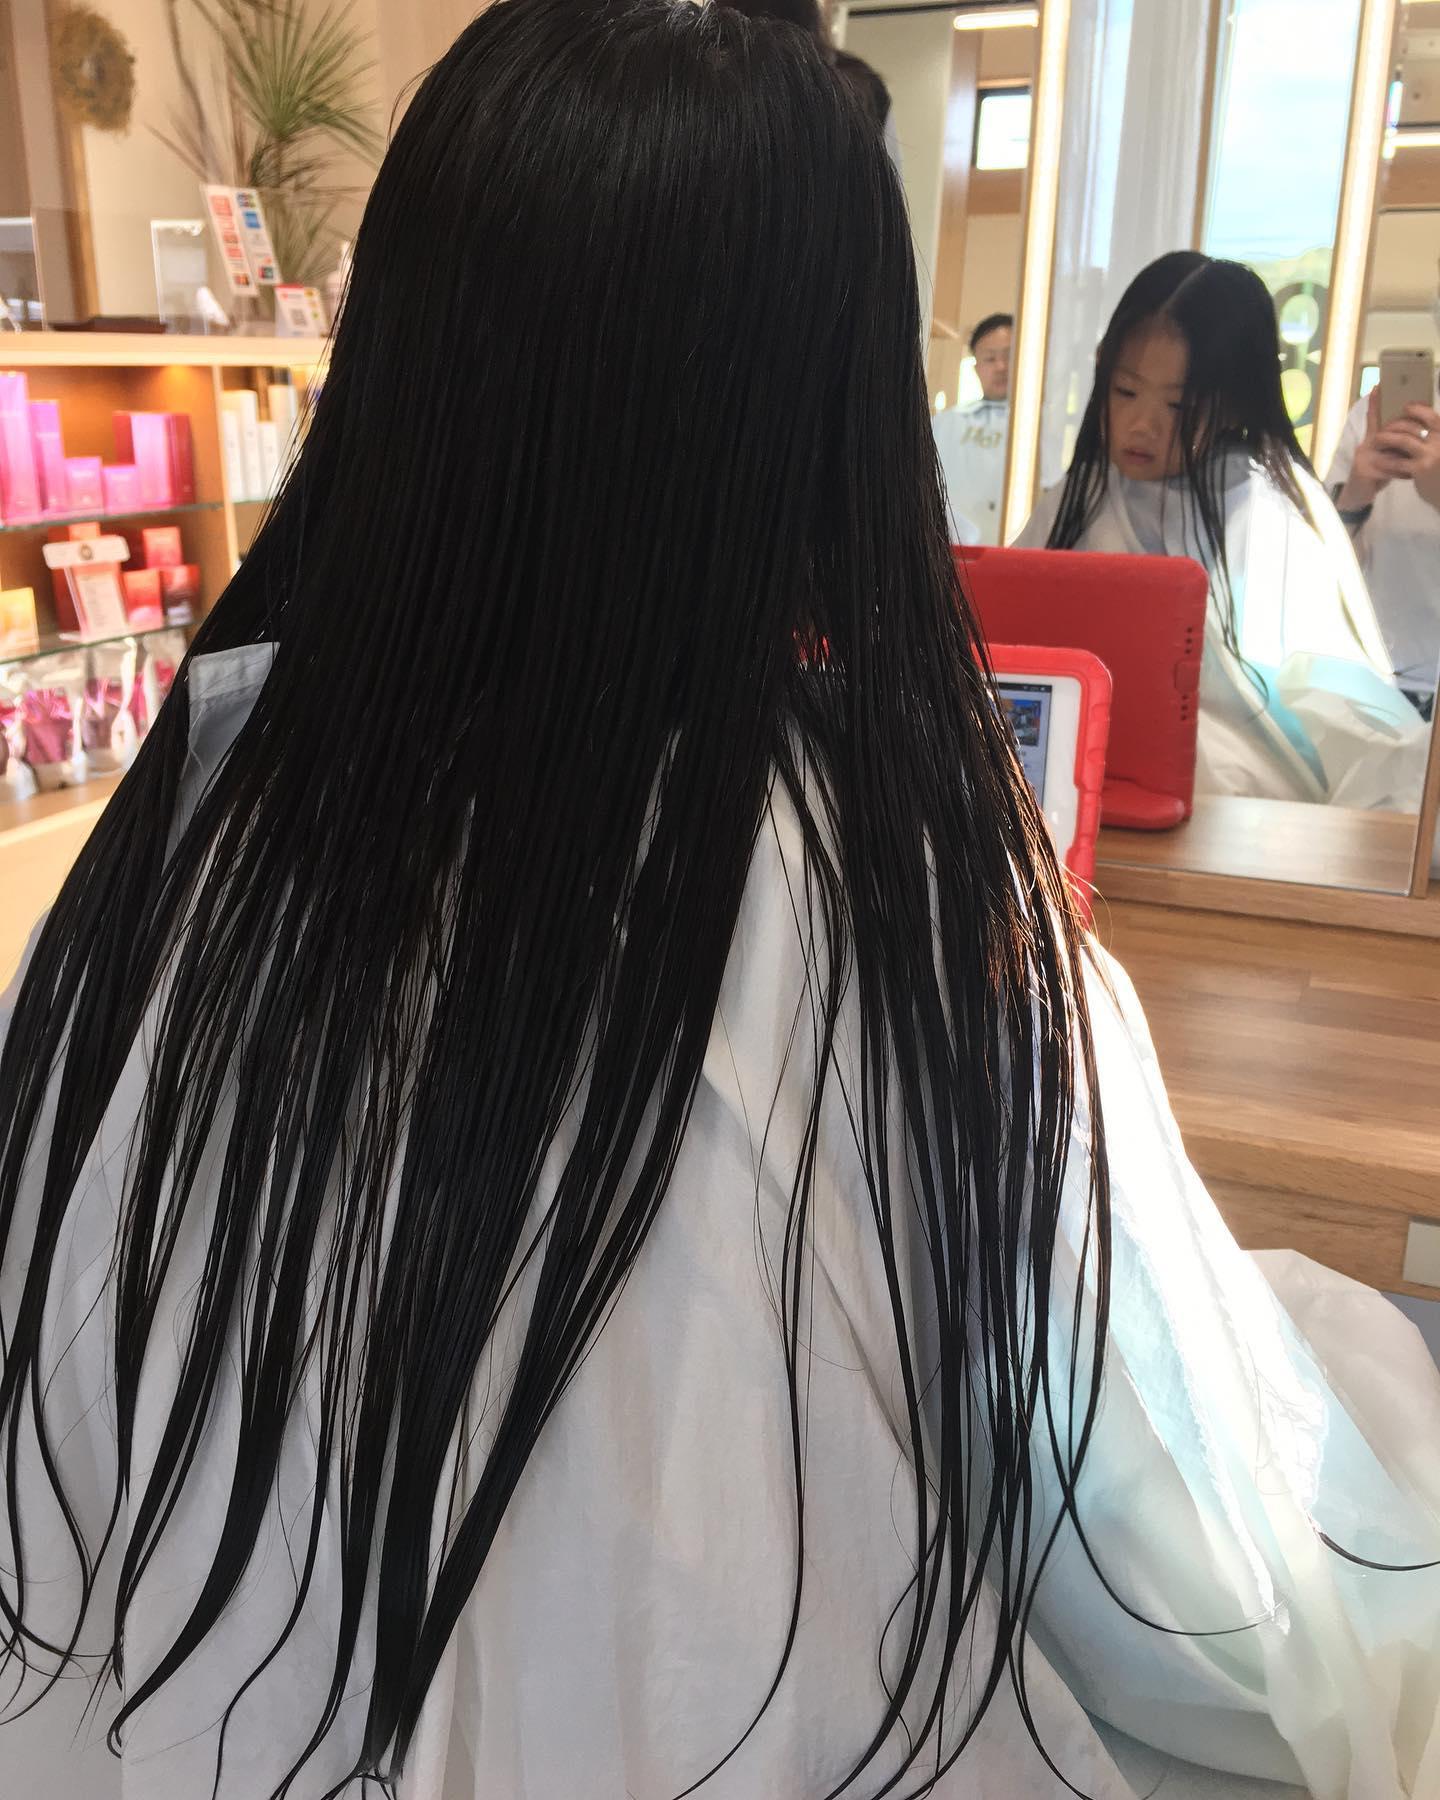 平日  10:00〜20:00lastcut 18:30 other 18:00土日祝  9:00〜19:00lastcut 18:00 other 17:00close  wednesdayhttp://www.totti-hd.comフロントバッサリ作りました長いのも可愛いけど短くしたらより可愛い次はヘアドネーションかしら?#totti #hair #color #perm #cut #hairstyle #haircolor #hairarrange #stylist #care #carelist #aujua #イルミナカラー #headspa #treatment #美容院#着付け